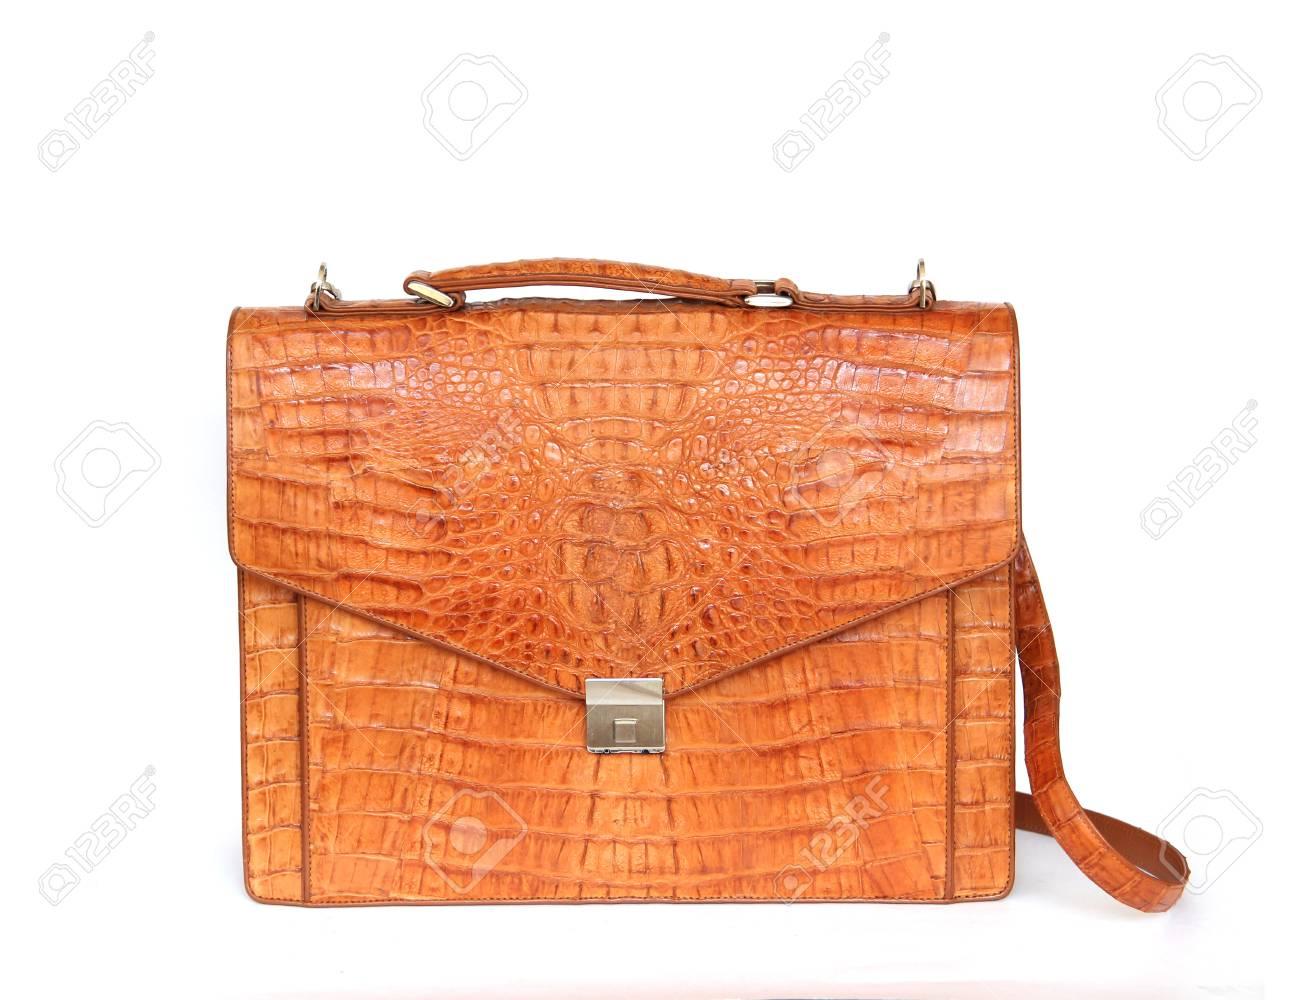 18f23e4dc Bolso de cuero marrón cocodrilo para mujer o hombre sobre fondo blanco Foto  de archivo -